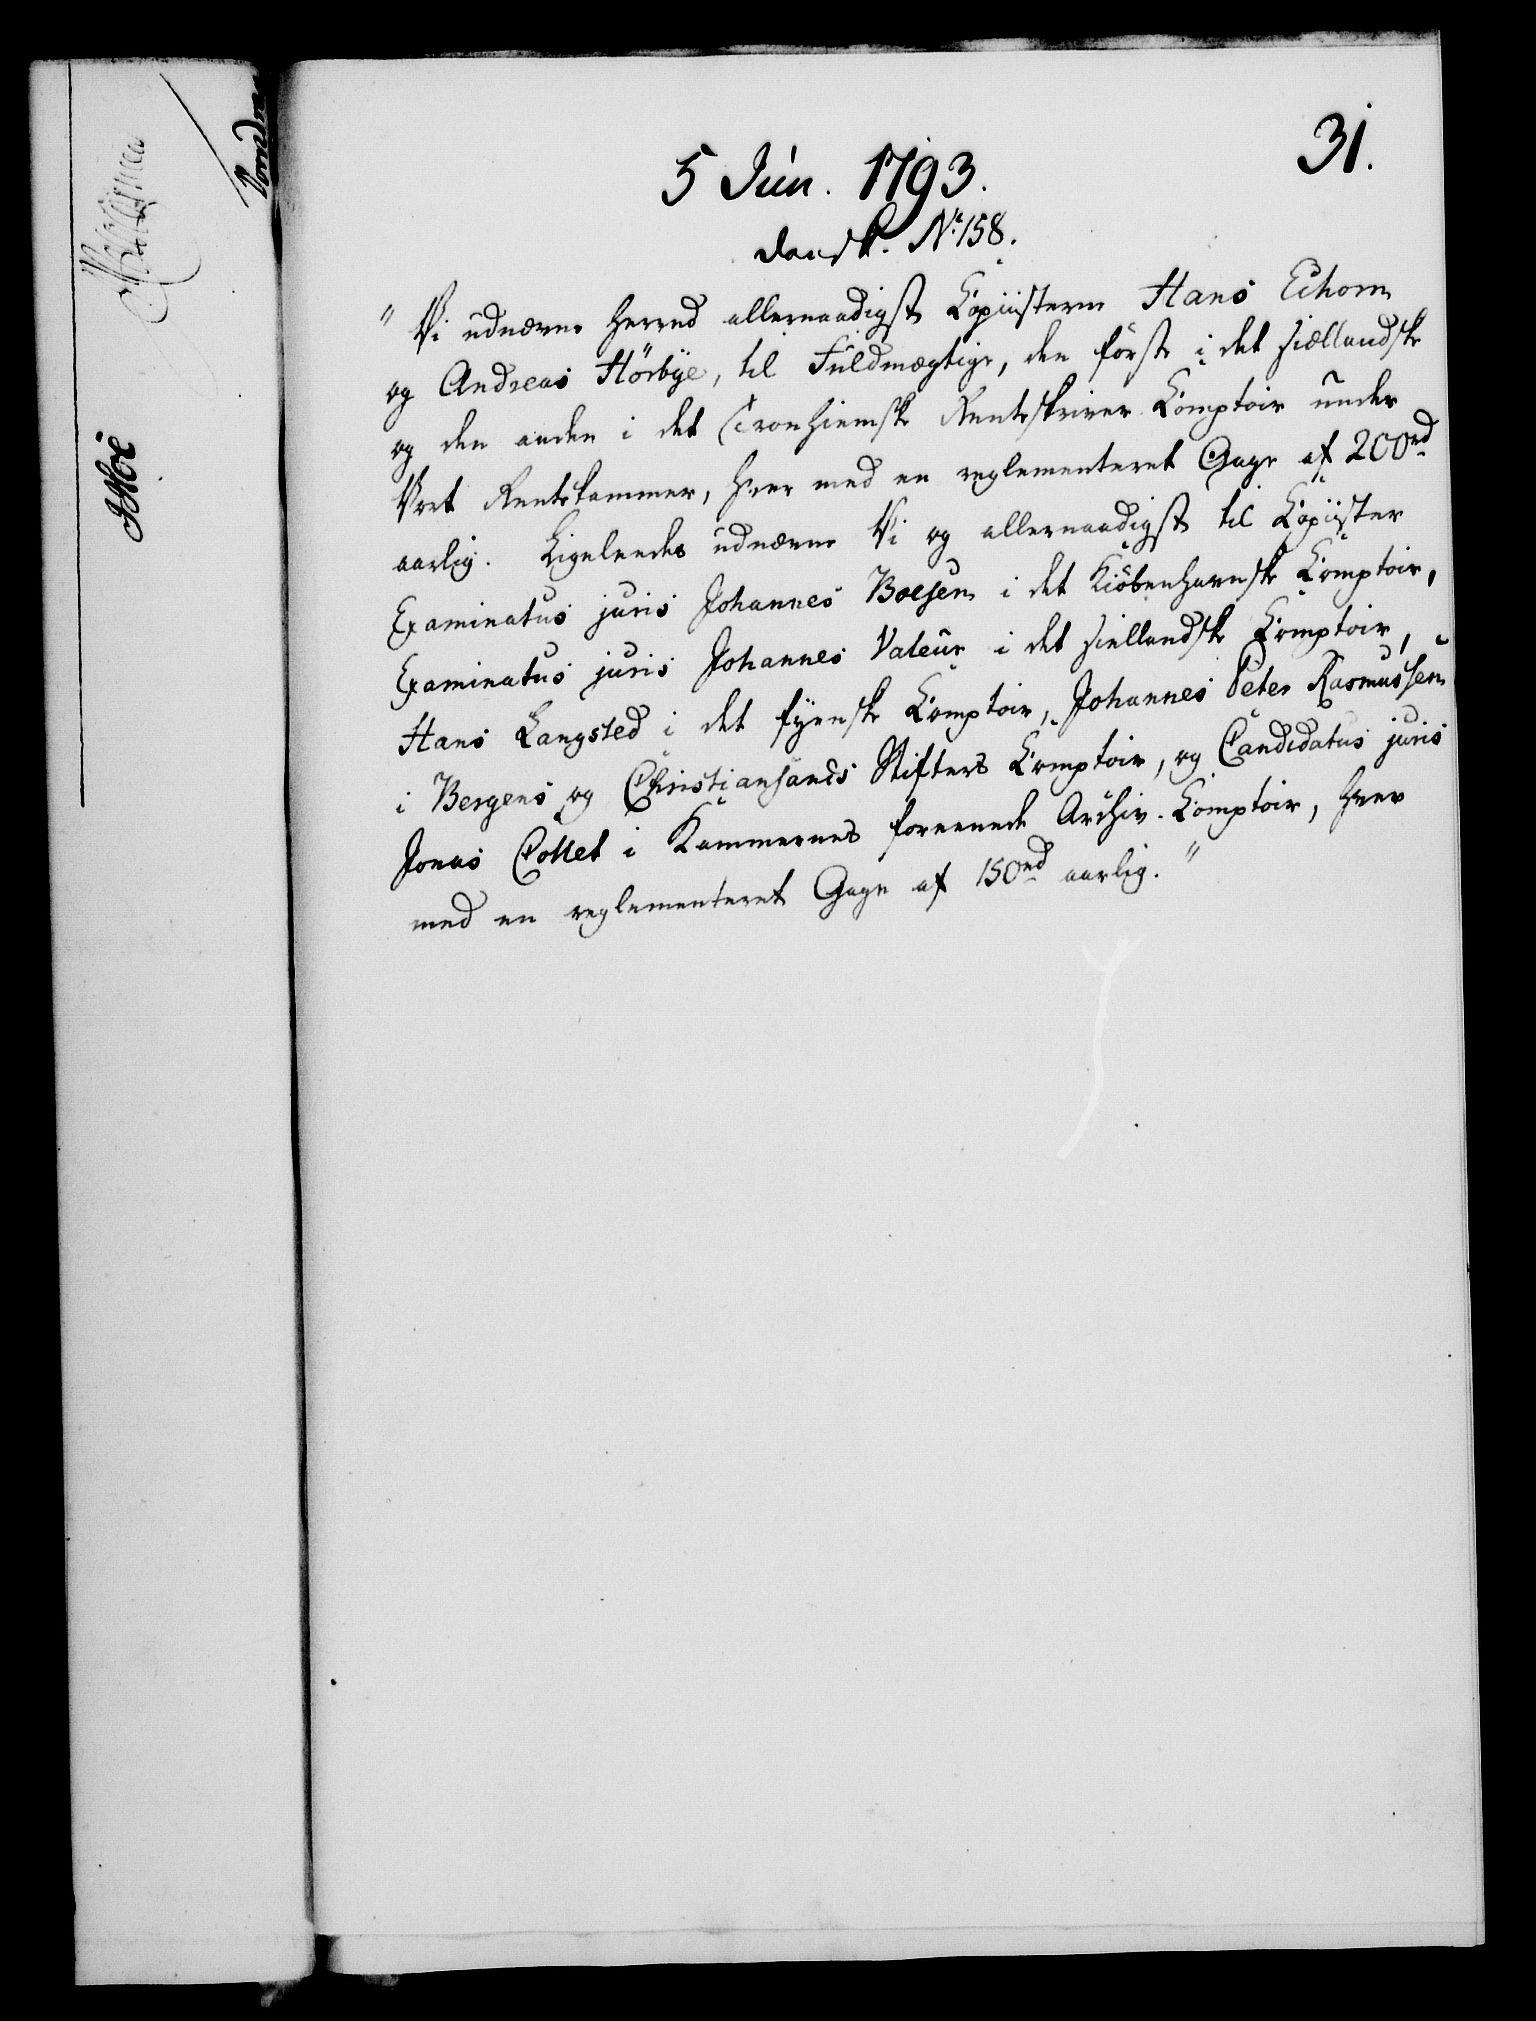 RA, Rentekammeret, Kammerkanselliet, G/Gf/Gfa/L0075: Norsk relasjons- og resolusjonsprotokoll (merket RK 52.75), 1793, s. 150